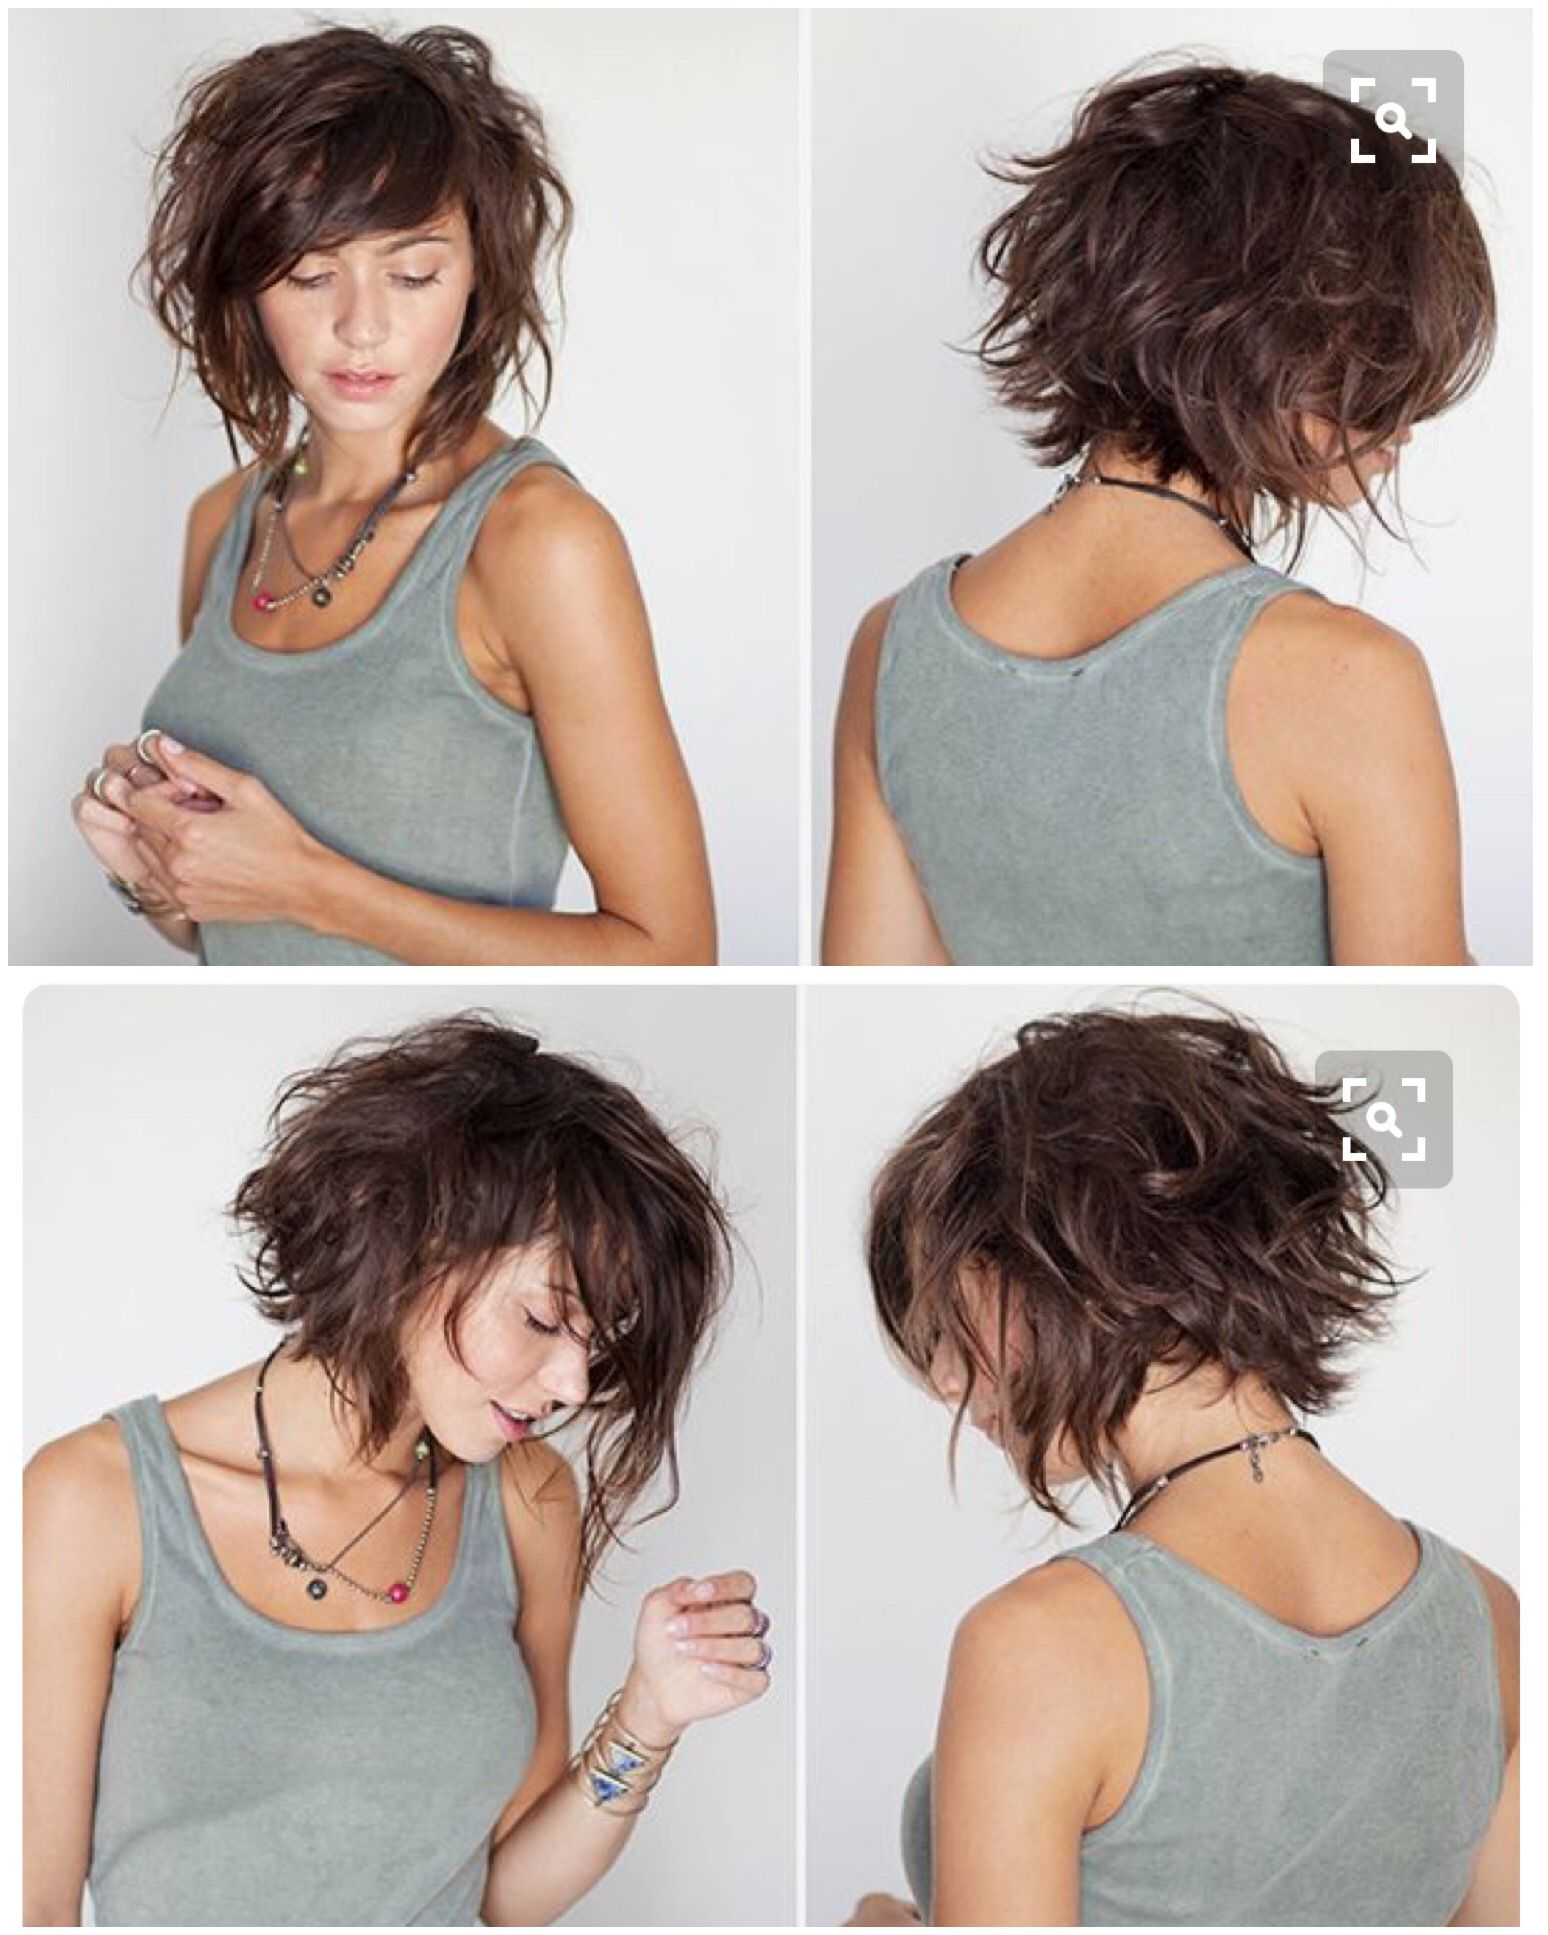 Haircut for men all angles wavy layered bob  angles cute u sassy  short hair styles